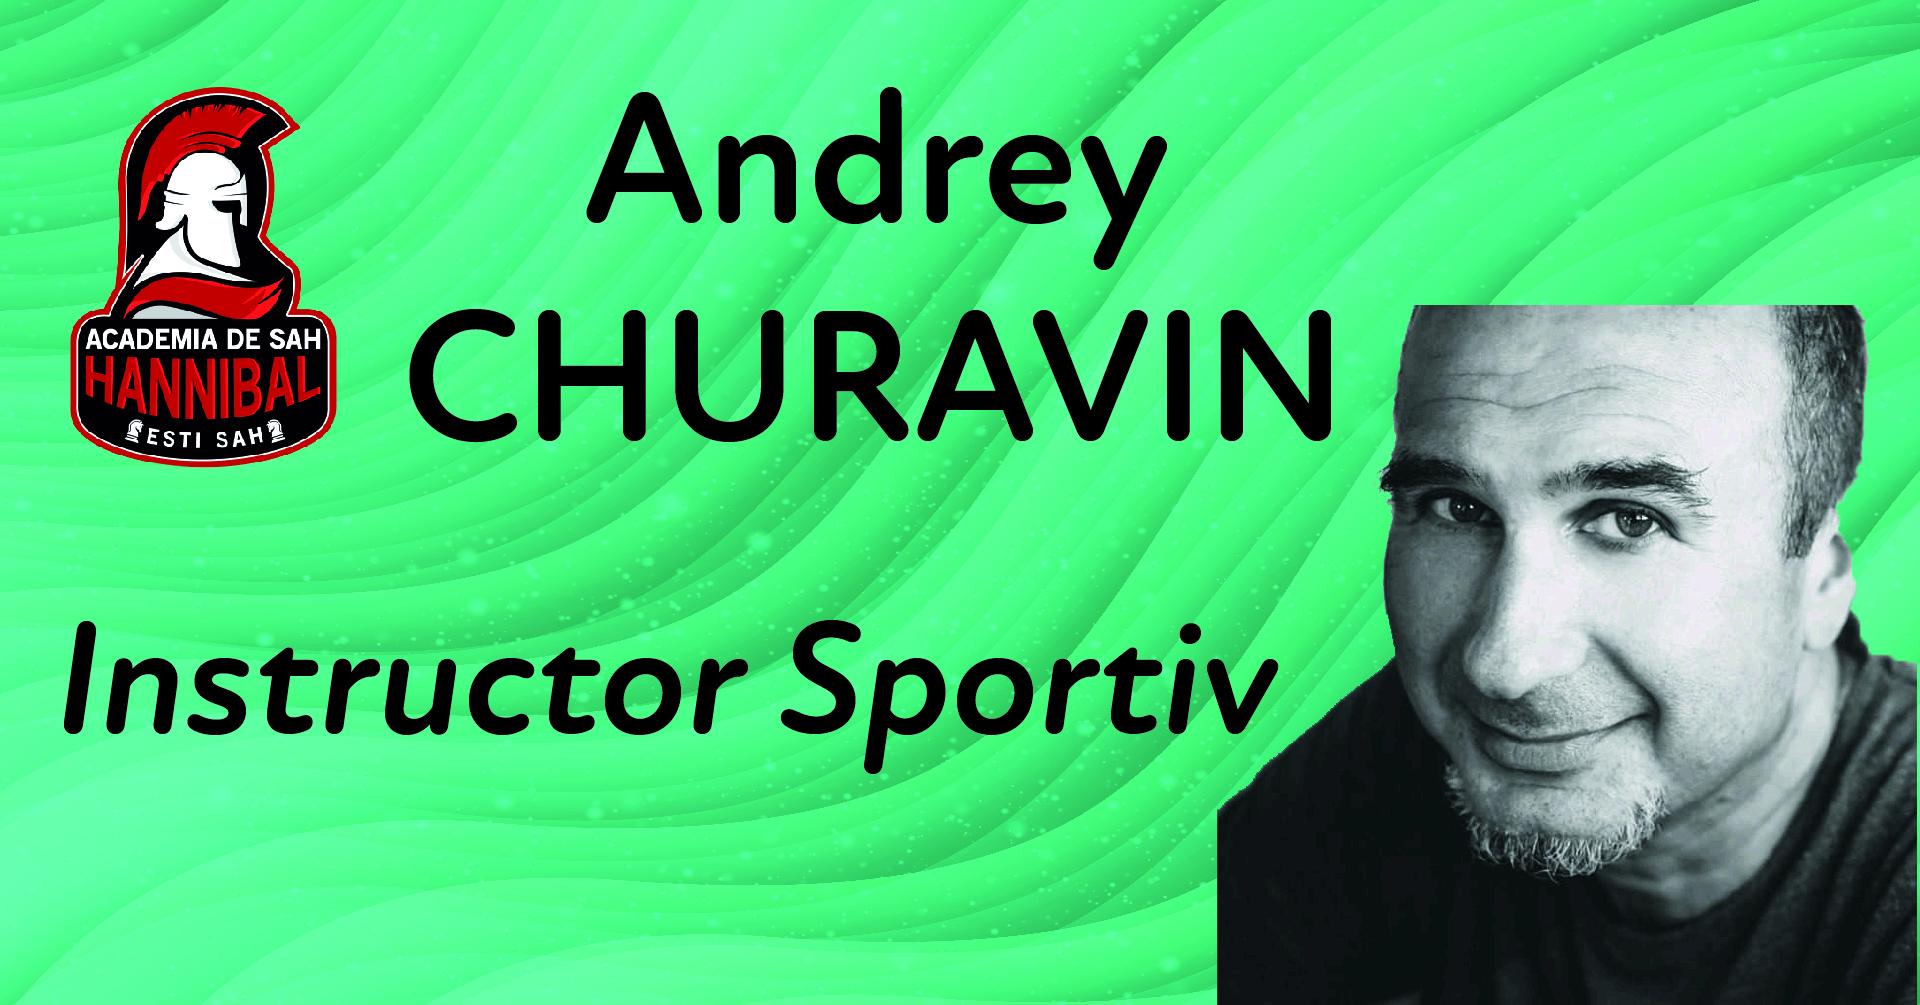 Andrey Churavin